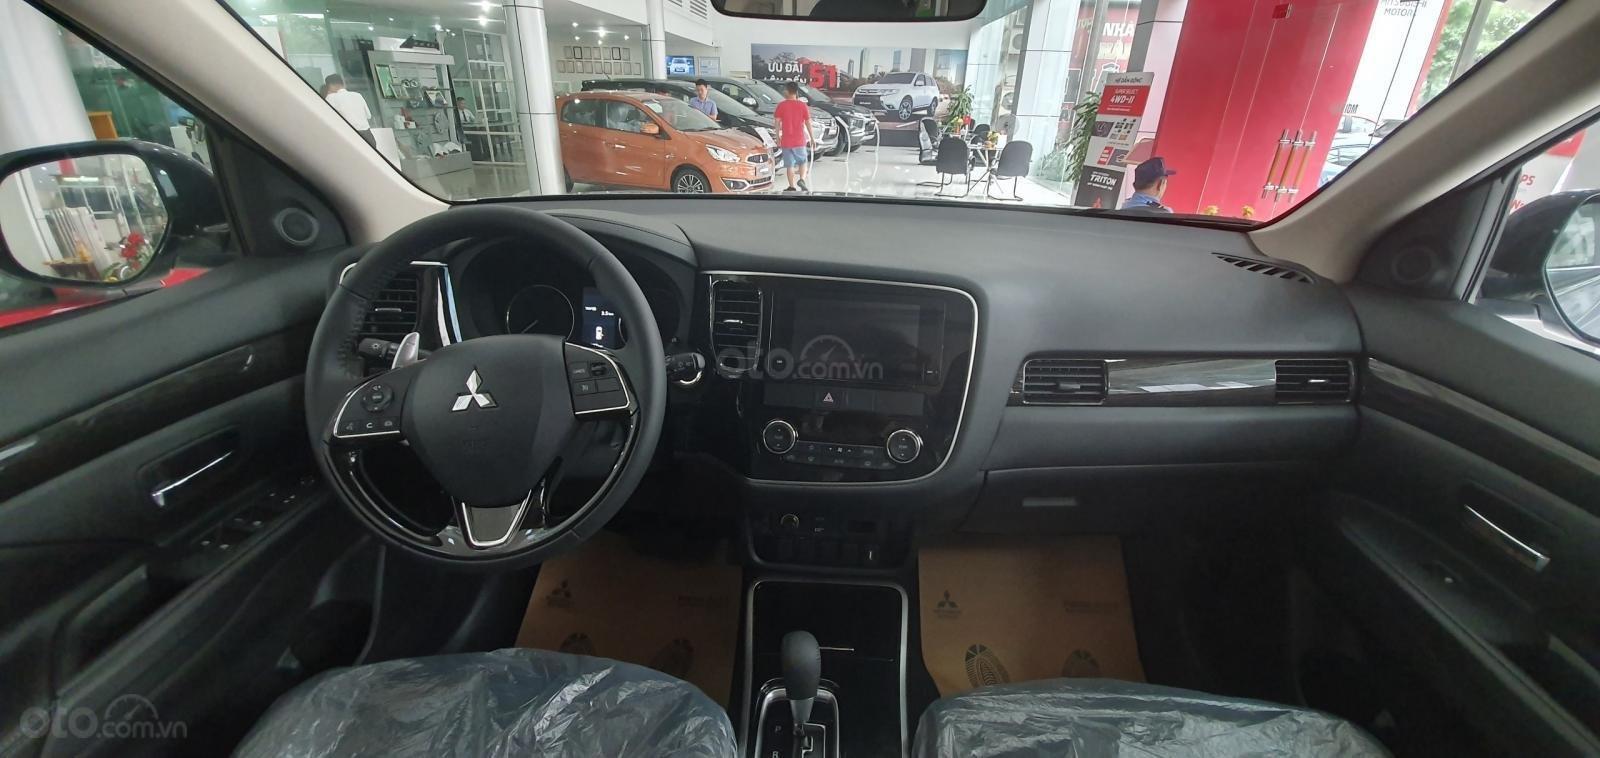 Cần bán xe Mitsubishi Outlander 2.4 đời 2019, màu xám (ghi), giá siêu tốt LH 0934515226-3